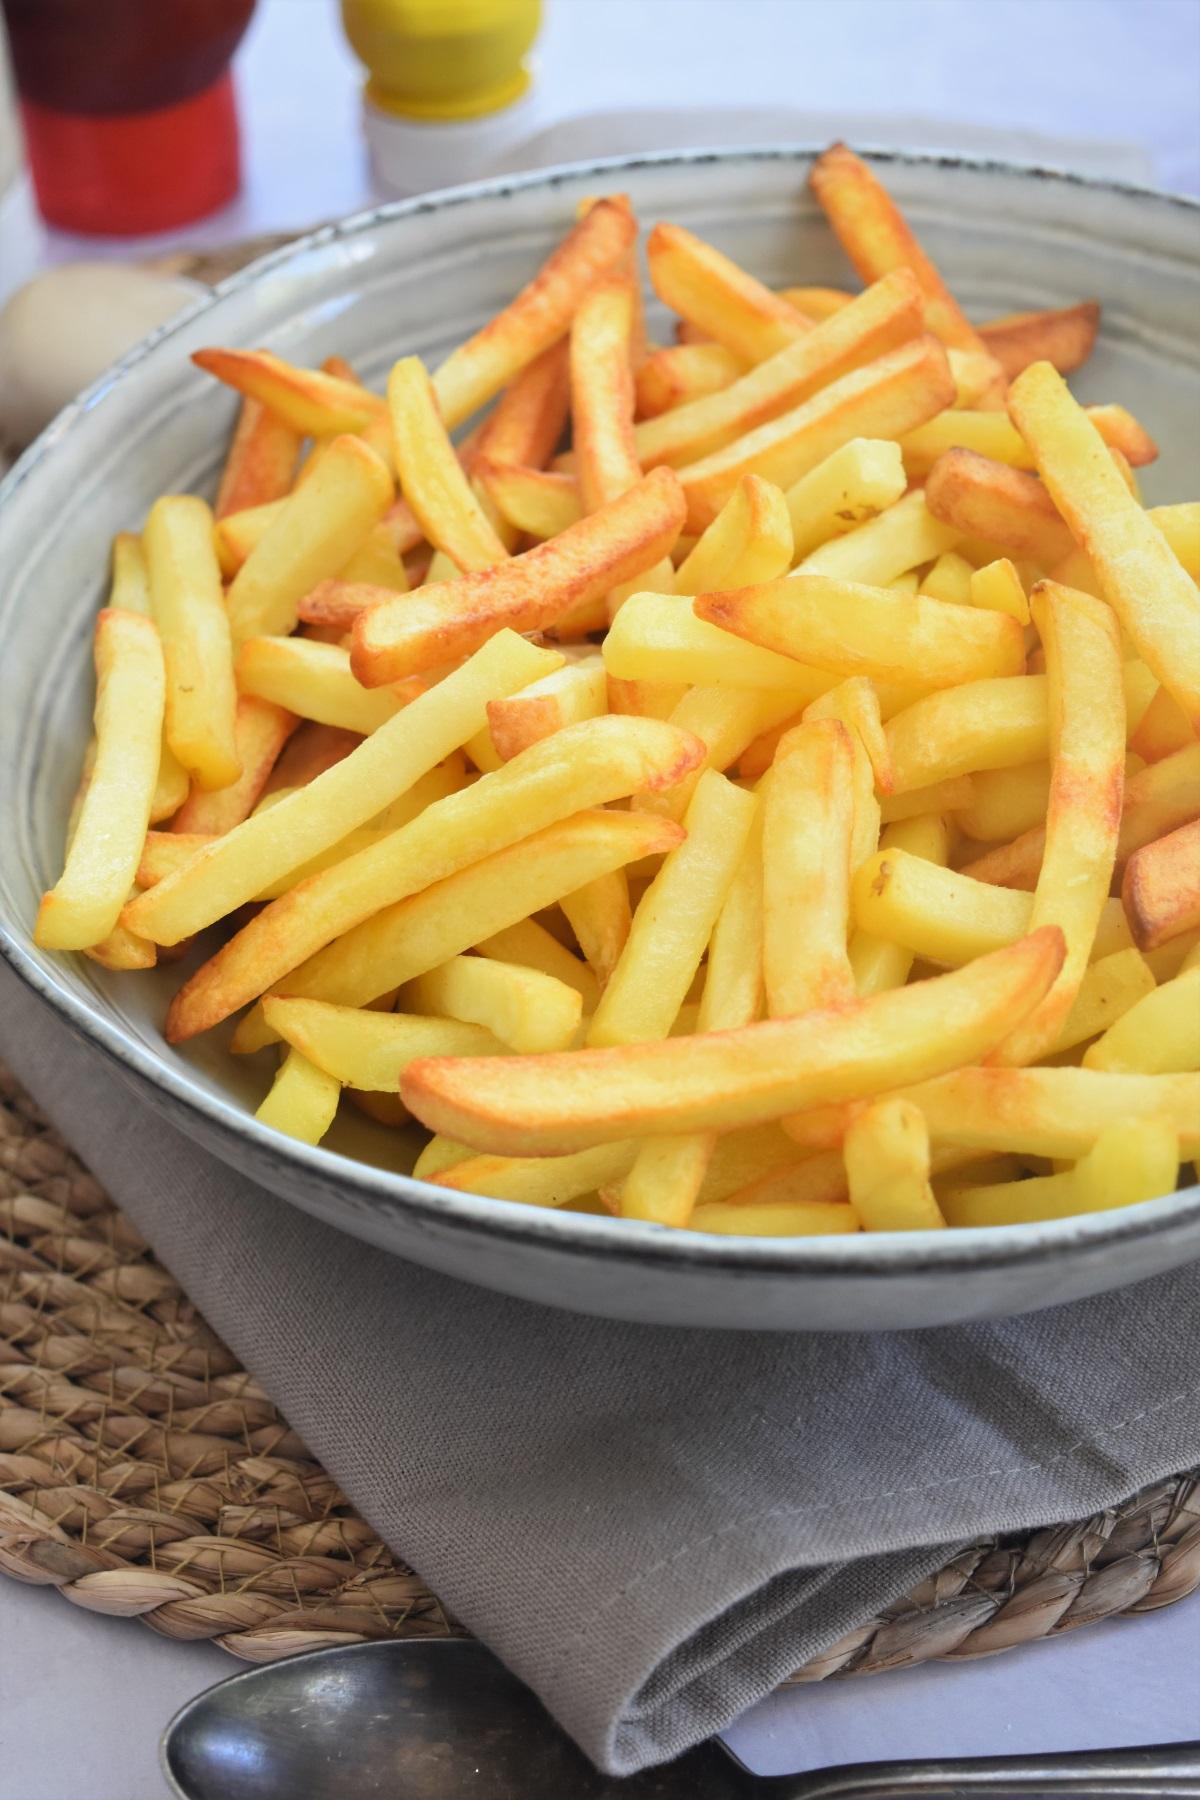 Comment Faire Des Frites Croustillantes : comment, faire, frites, croustillantes, Frites, Légères, Croustillantes